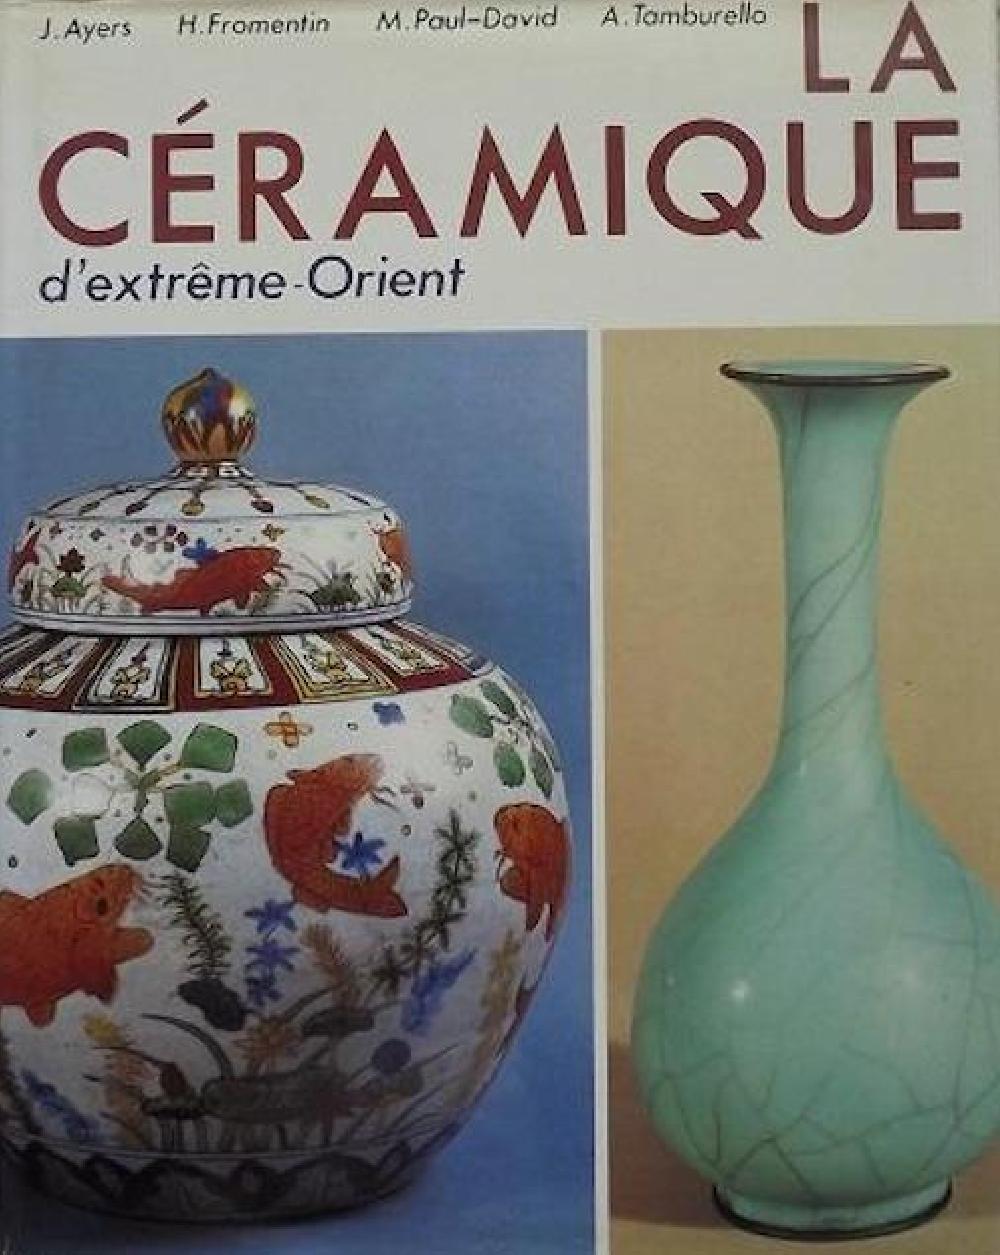 La céramique d'Extrême-Orient